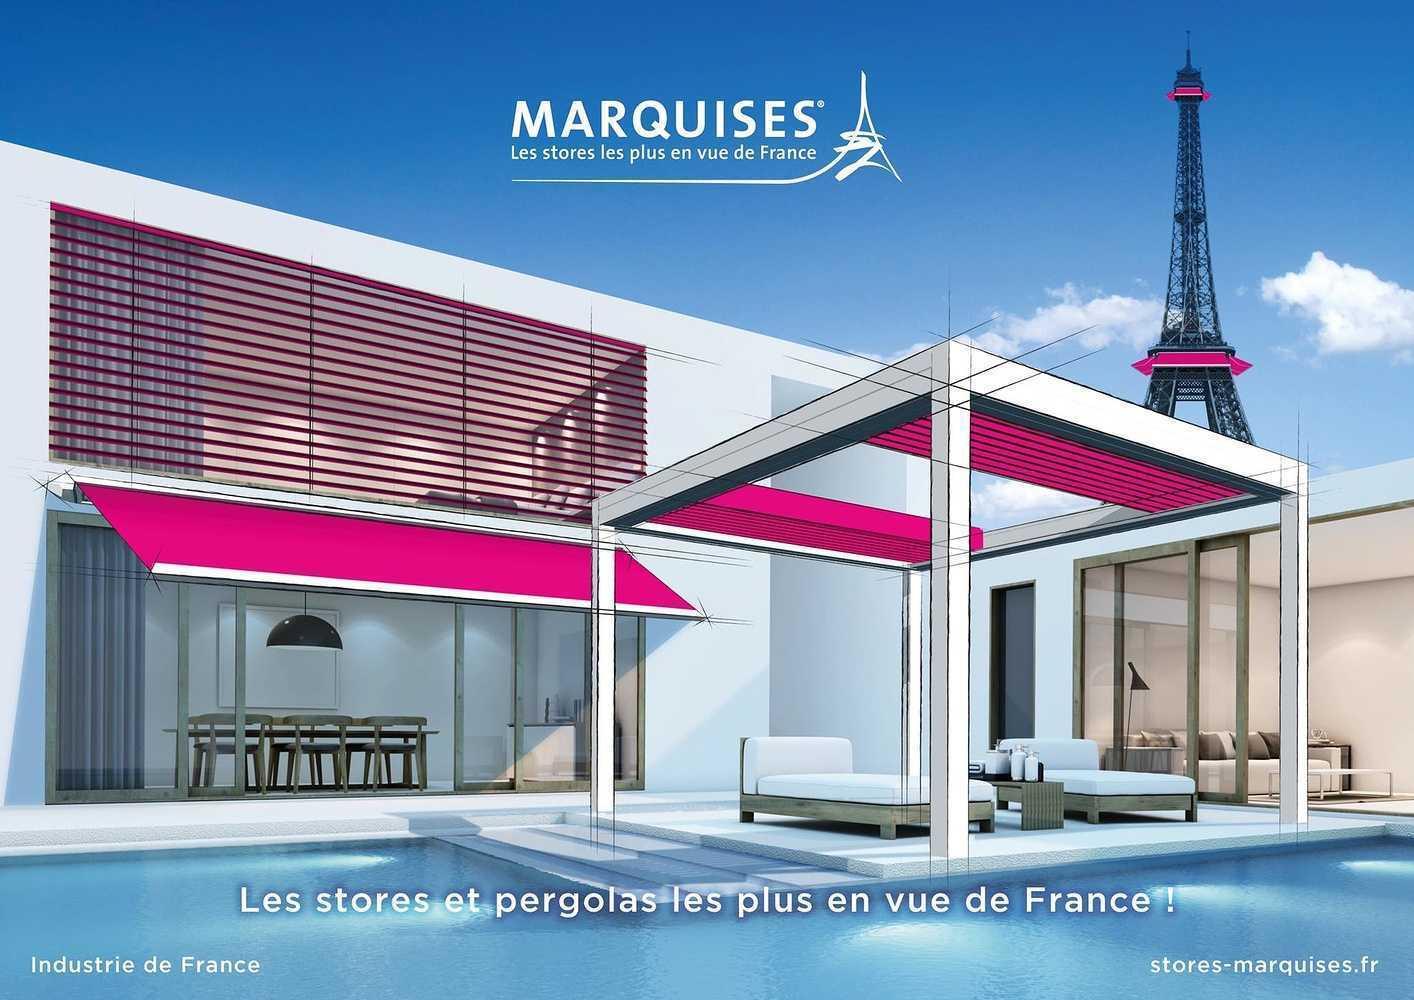 Les stores et pergolas les plus en vue de France - Marquises 0